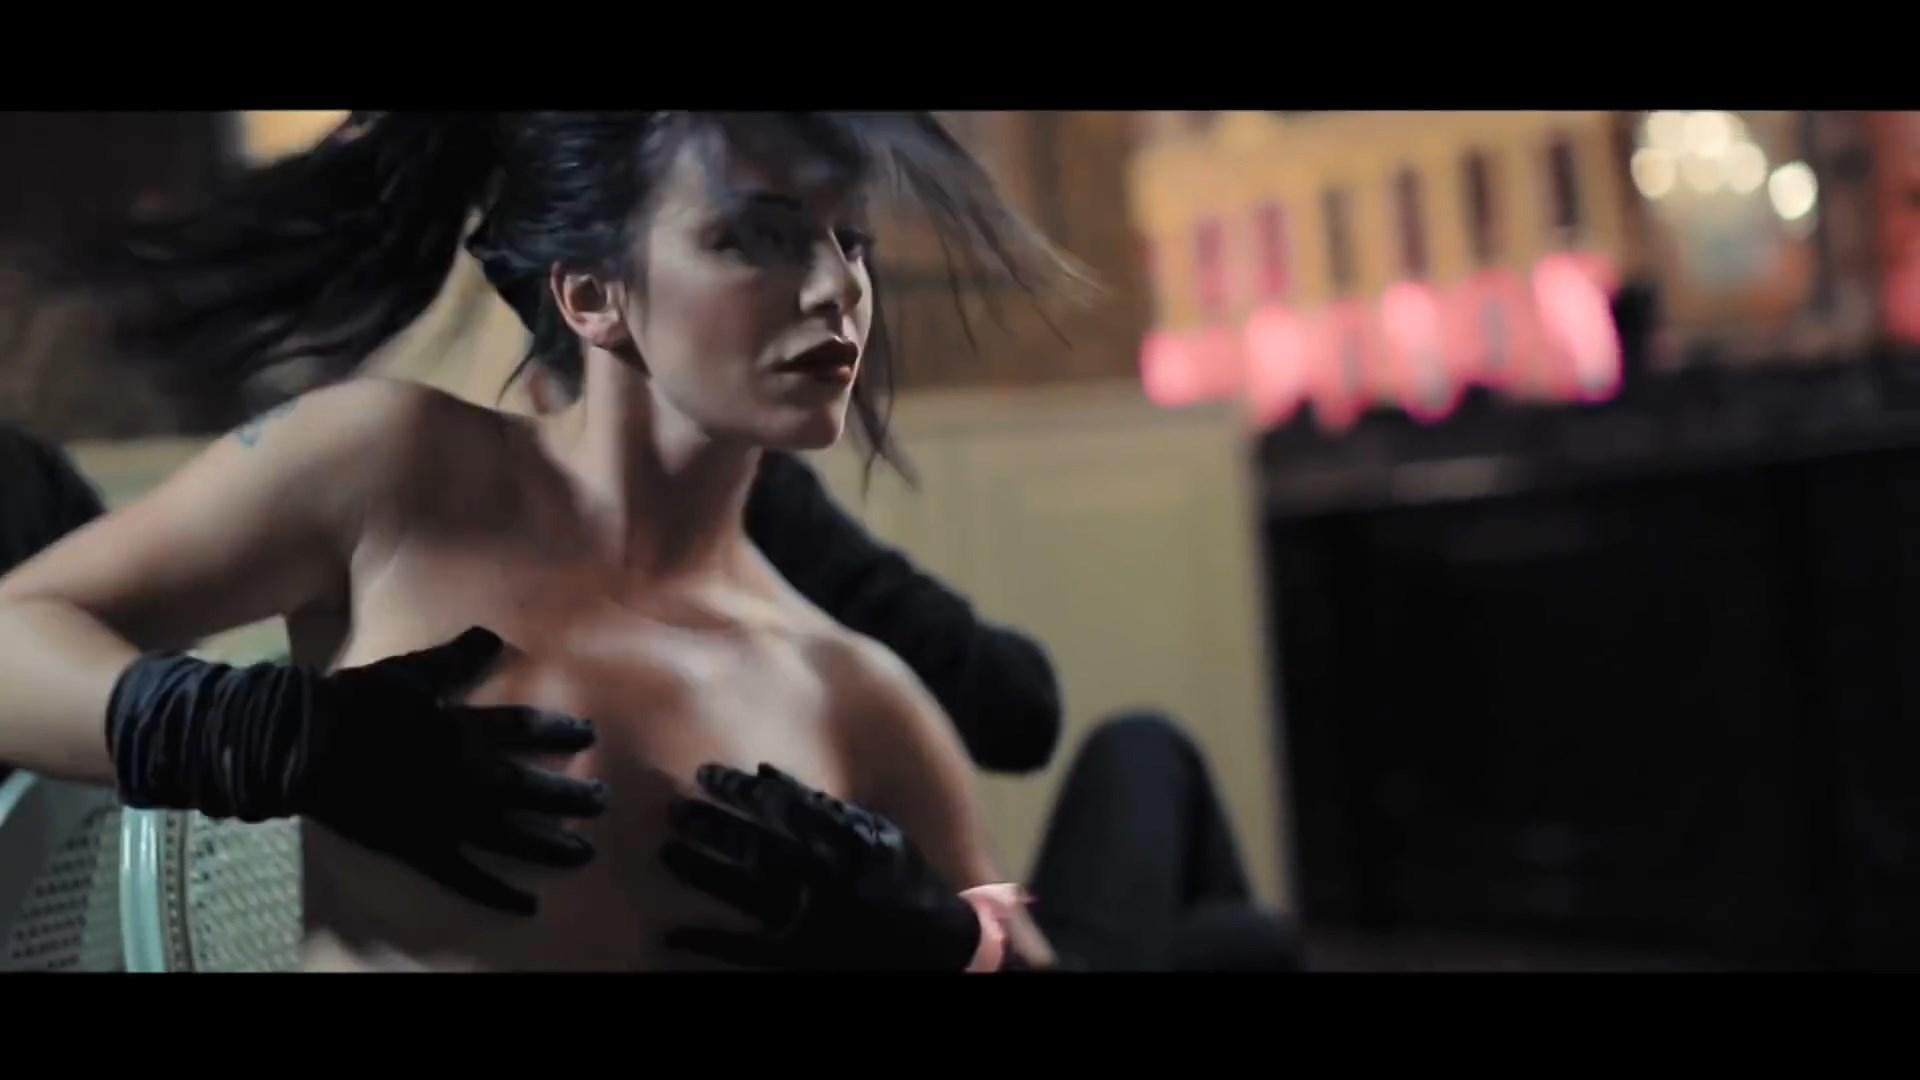 Julia Volkova (ex t.A.T.u.) Topless (25 Photos)